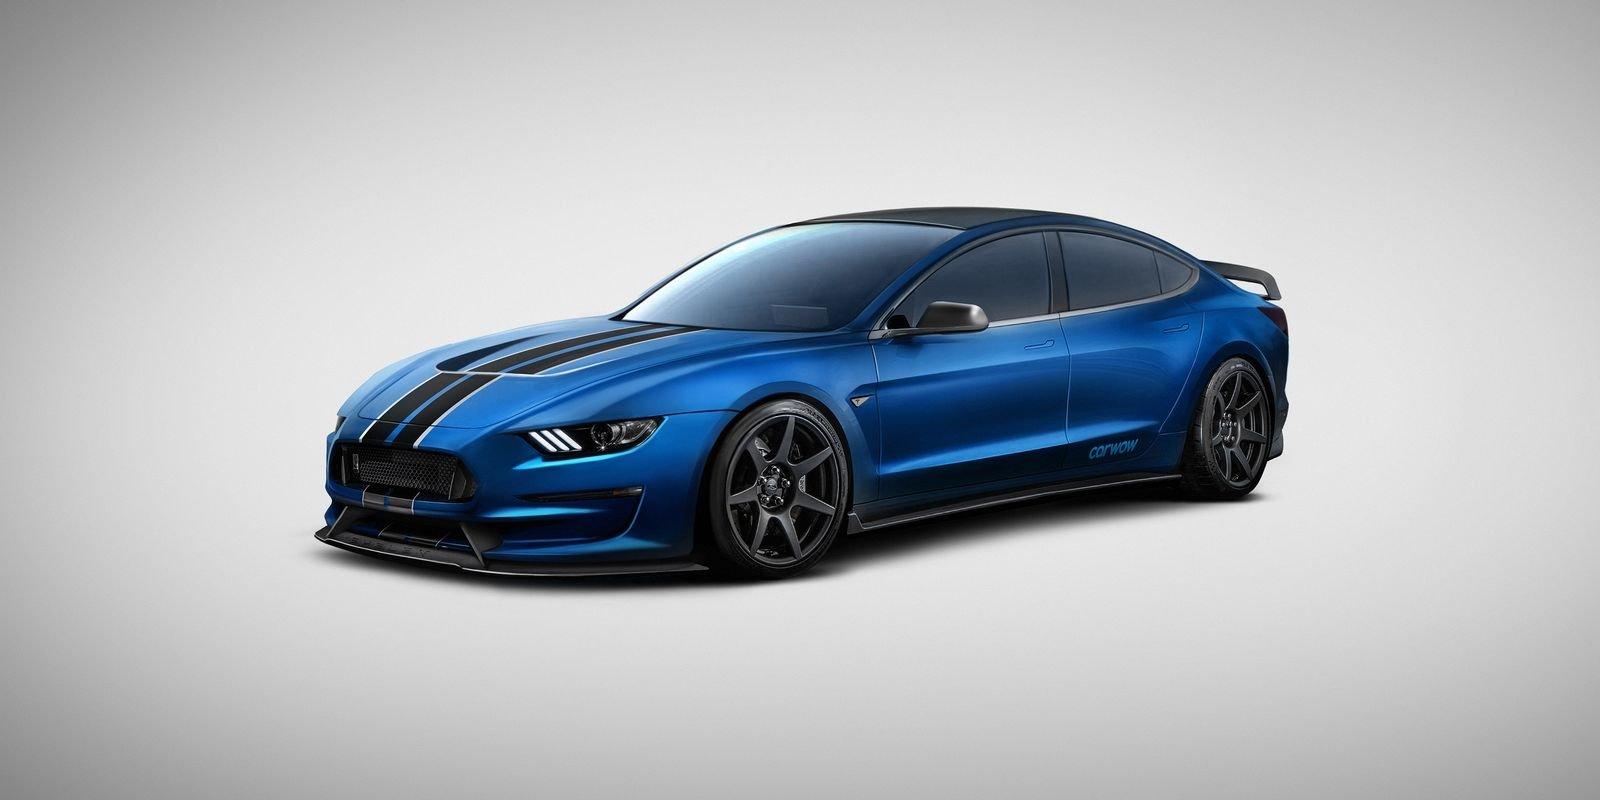 Tesla Model 350R = Shelby Mustang GT350R + Tesla Model S. Elektrický sedan fascinuje i zapřísáhlé odpůrce alternativních pohonů. Když ale do jeho útrob vložíte srdce nefalšového amerického muscle caru, i produkt Elona Muska začne vypadat neskutečně přitažlivě. Tedy až na ten vzhled.